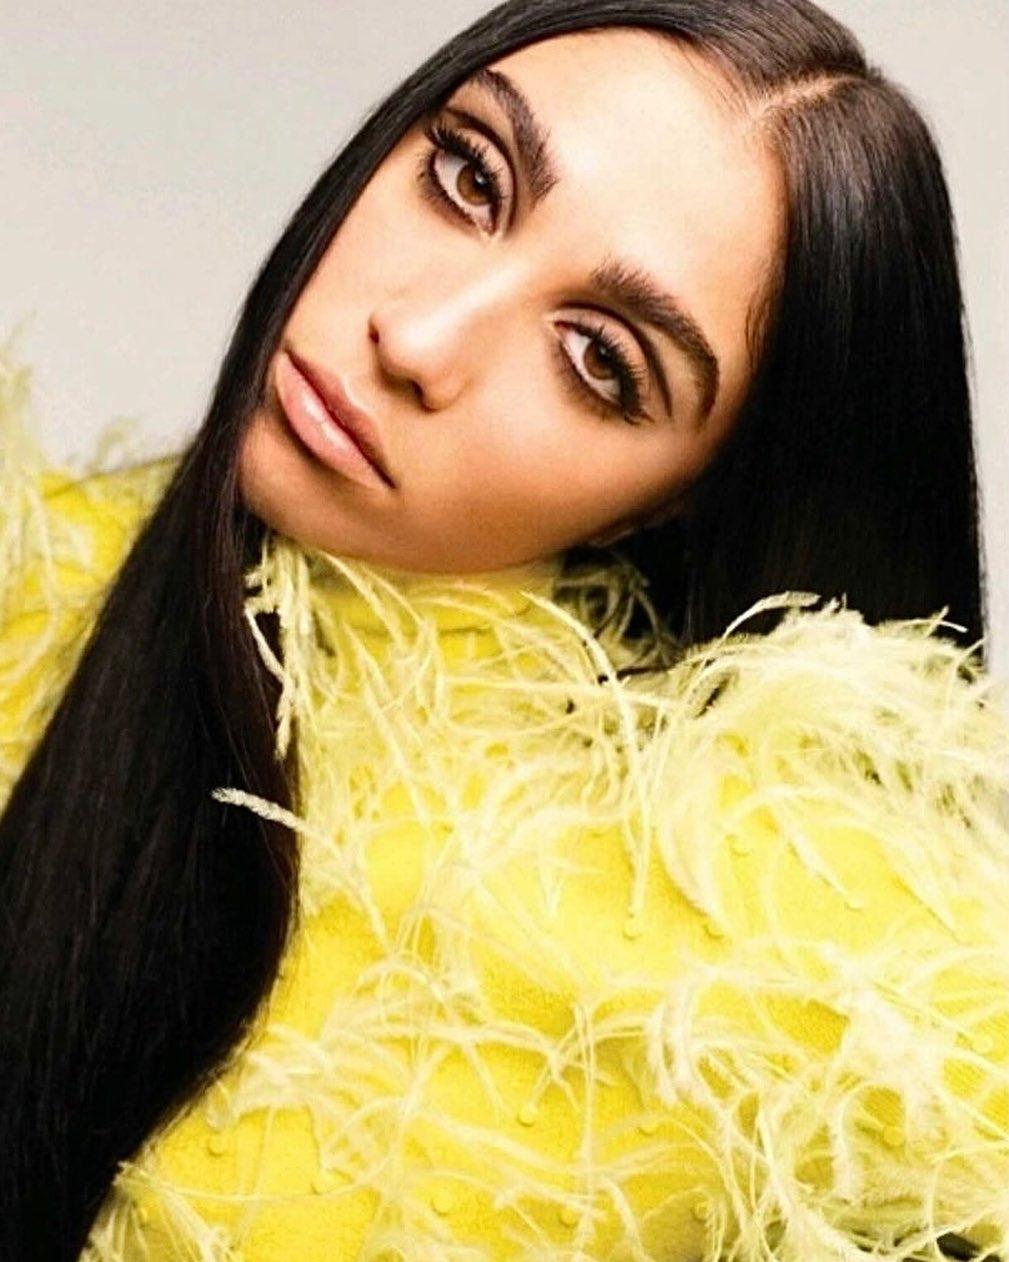 Дочь Мадонны Лурдес Леон снялась для Vogue (ФОТО) - фото №1